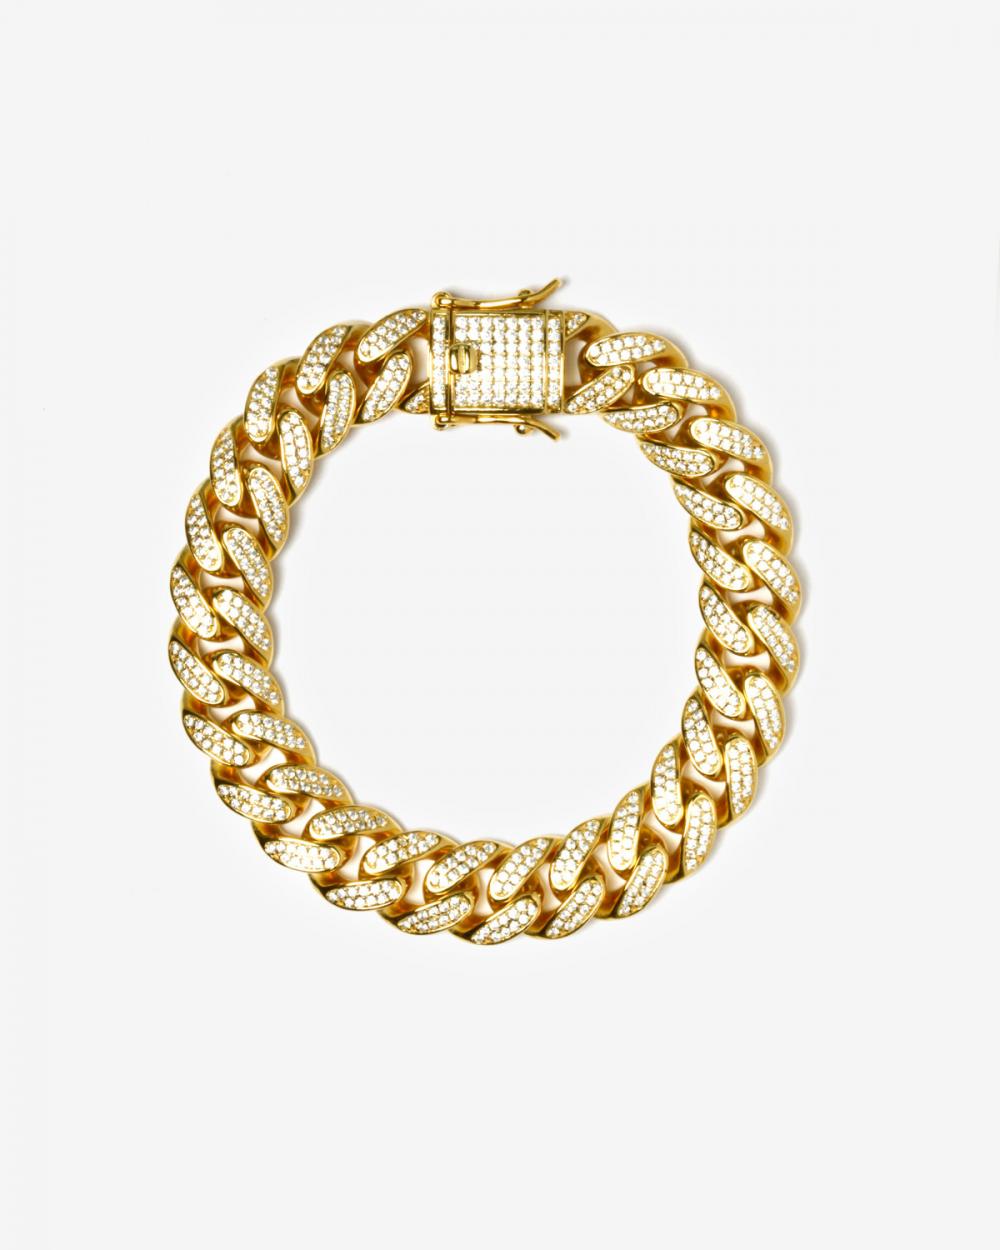 Bracelets H120 YELLOW GOLD OVAL ZIRCON CURB BRACELET NOVE25